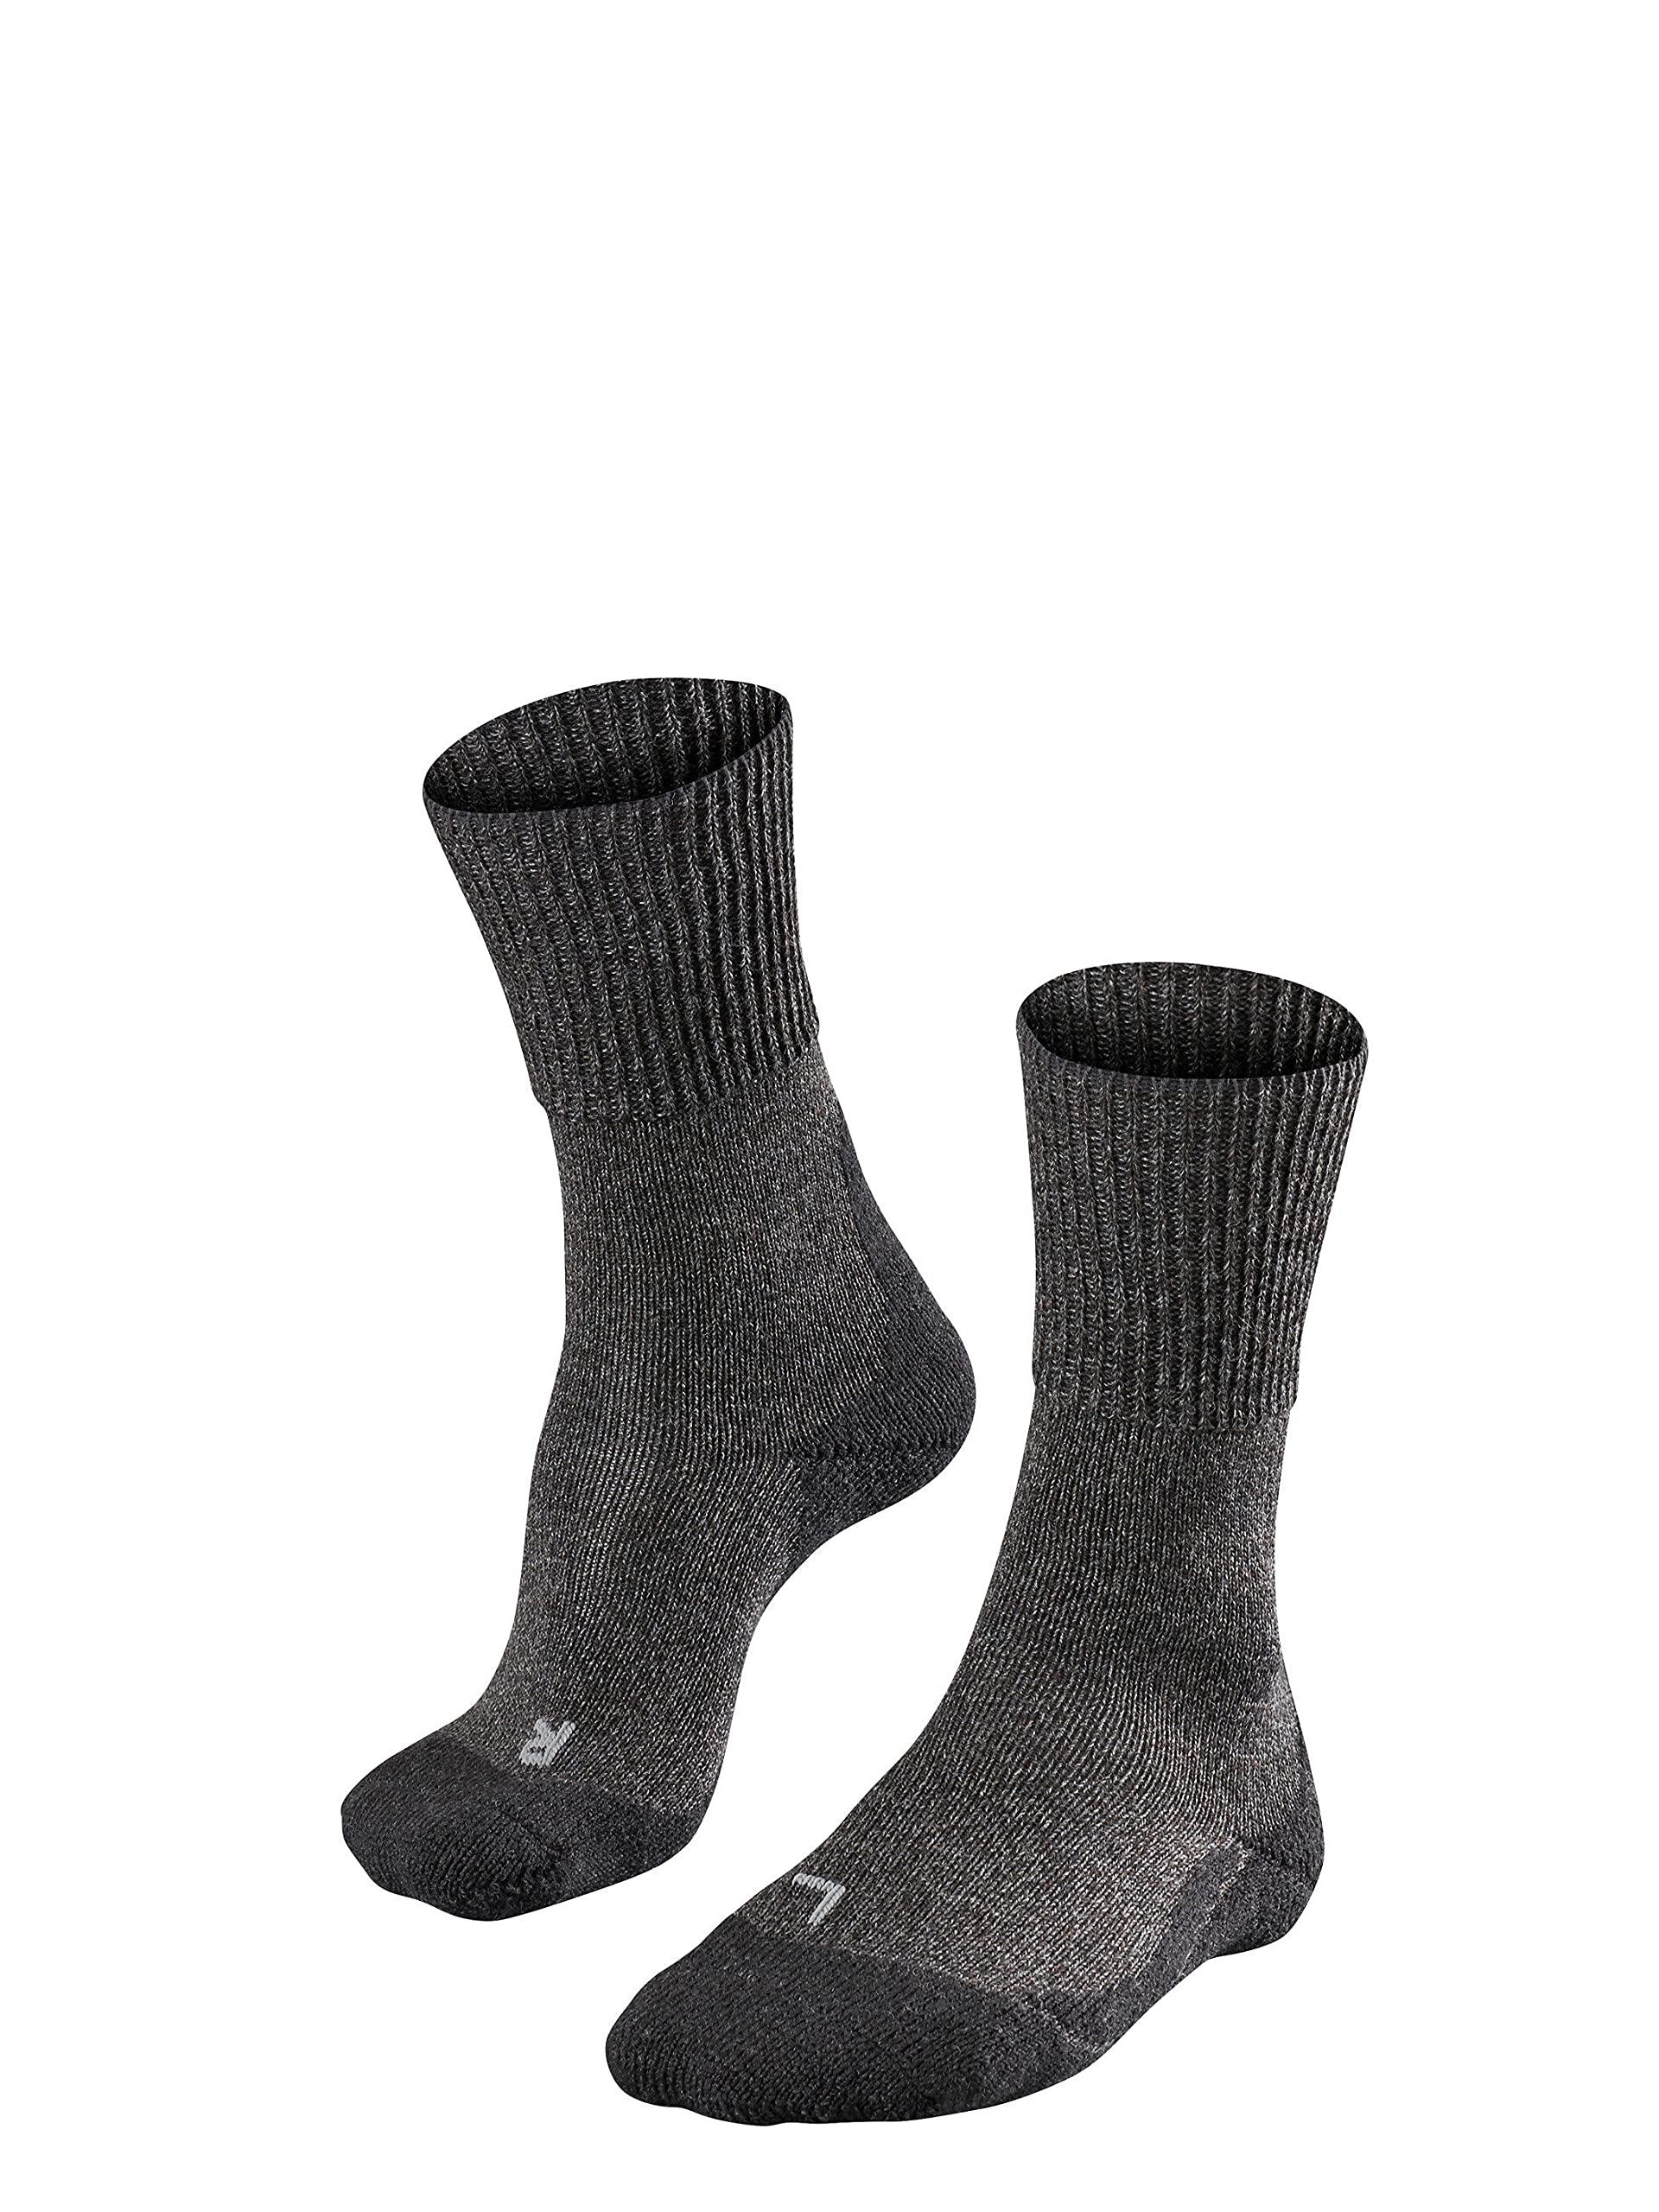 FALKE Herren TK1 Wool M SO Wandersocken, Grau (Smog 3150), 42-43